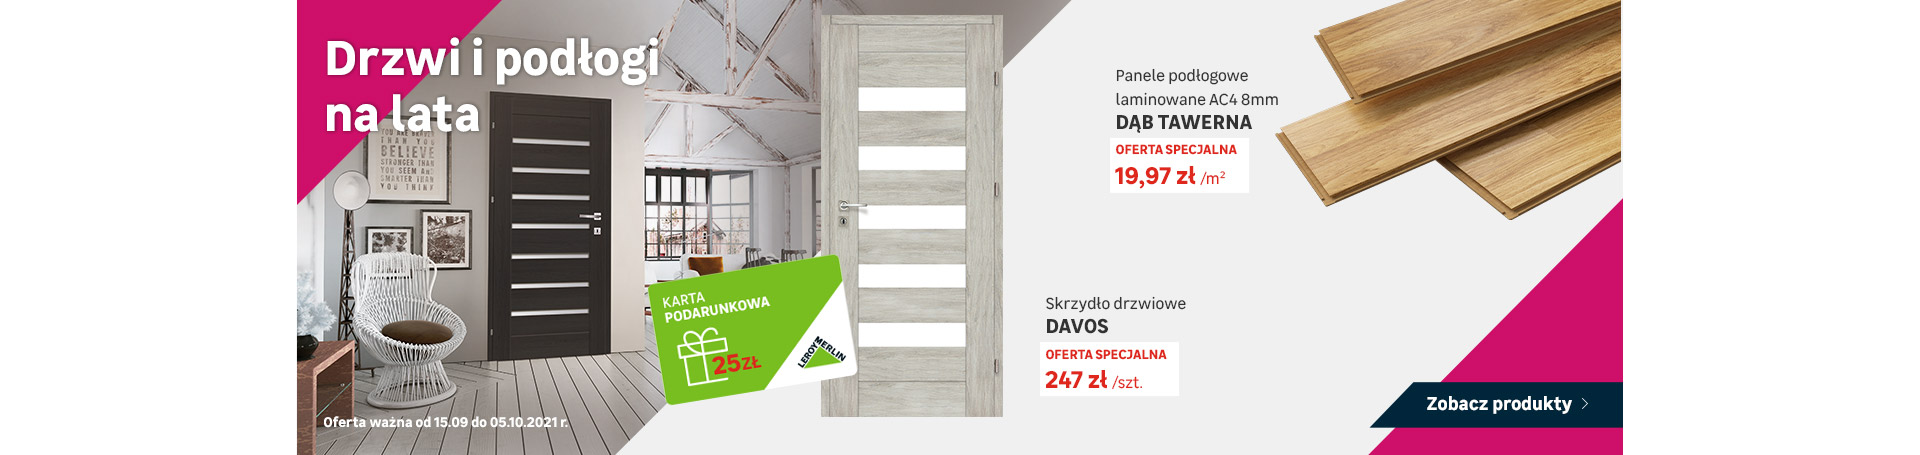 ps-DBD-Drzwi-i-podlogi-15-21.09-2021-1920x455